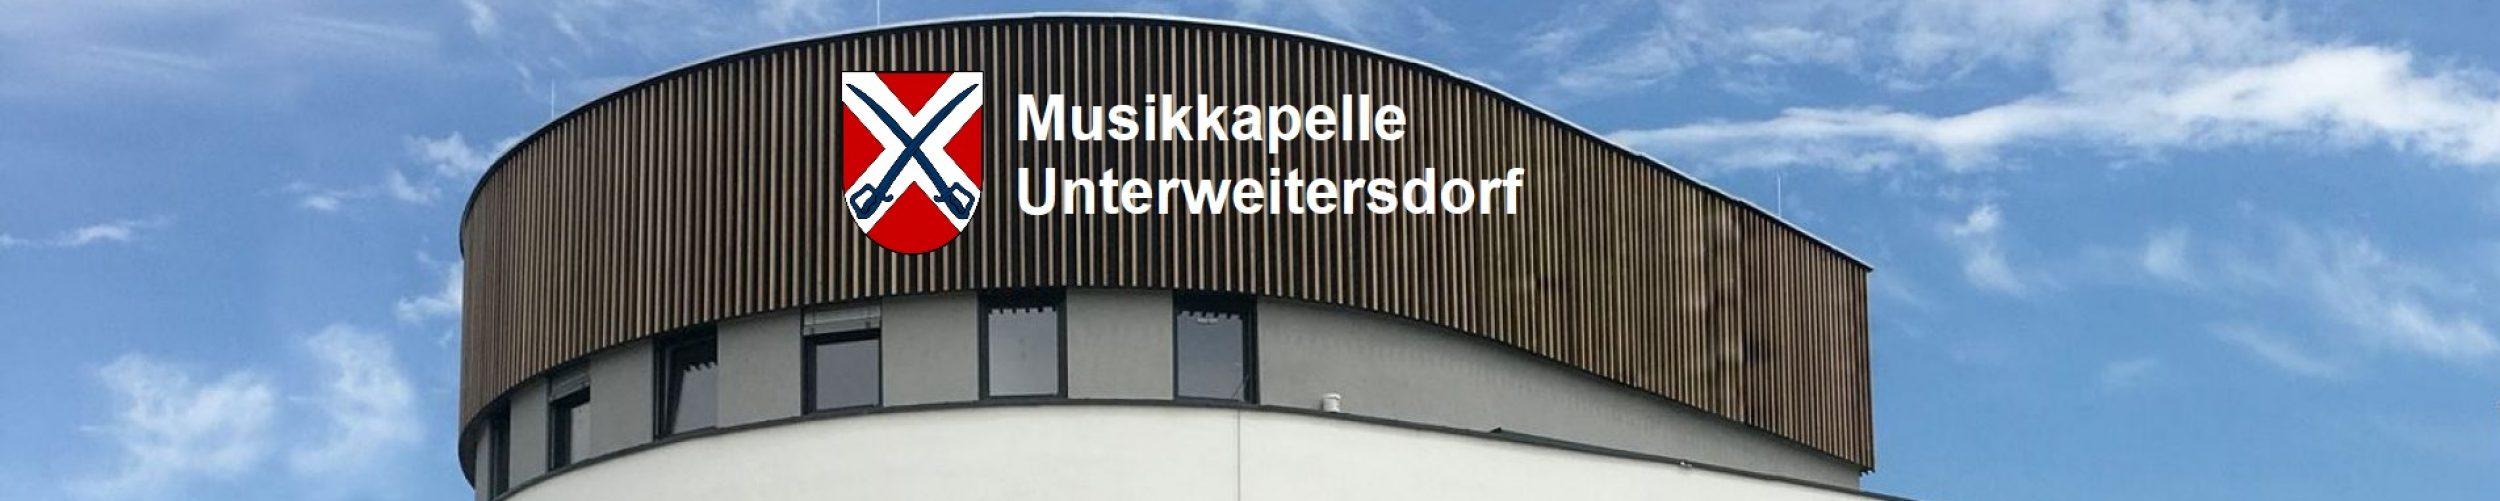 Musikverein Unterweitersdorf